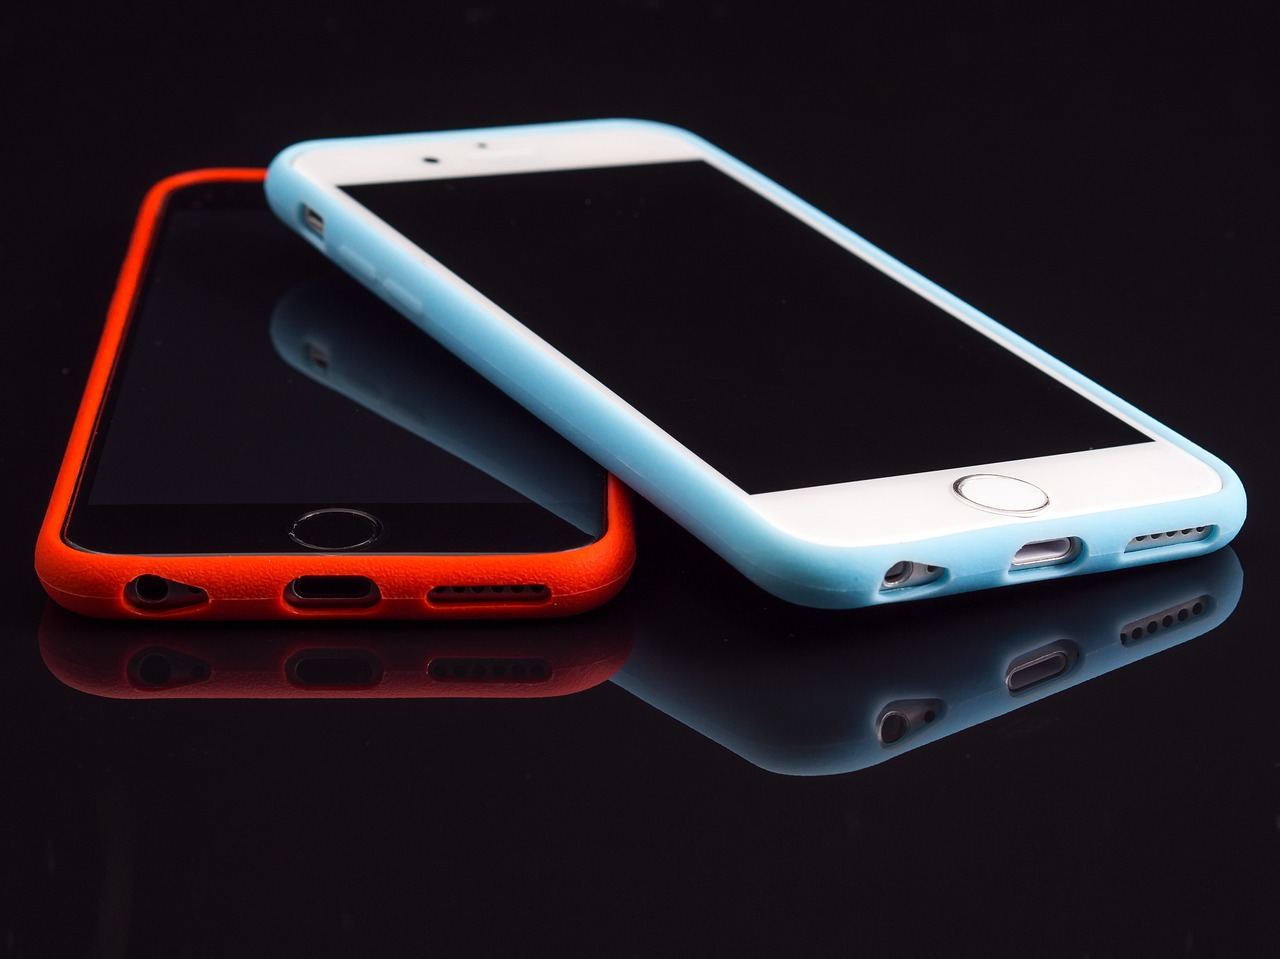 Migliori telefoni cinesi: guida e classifica per gli acquisti